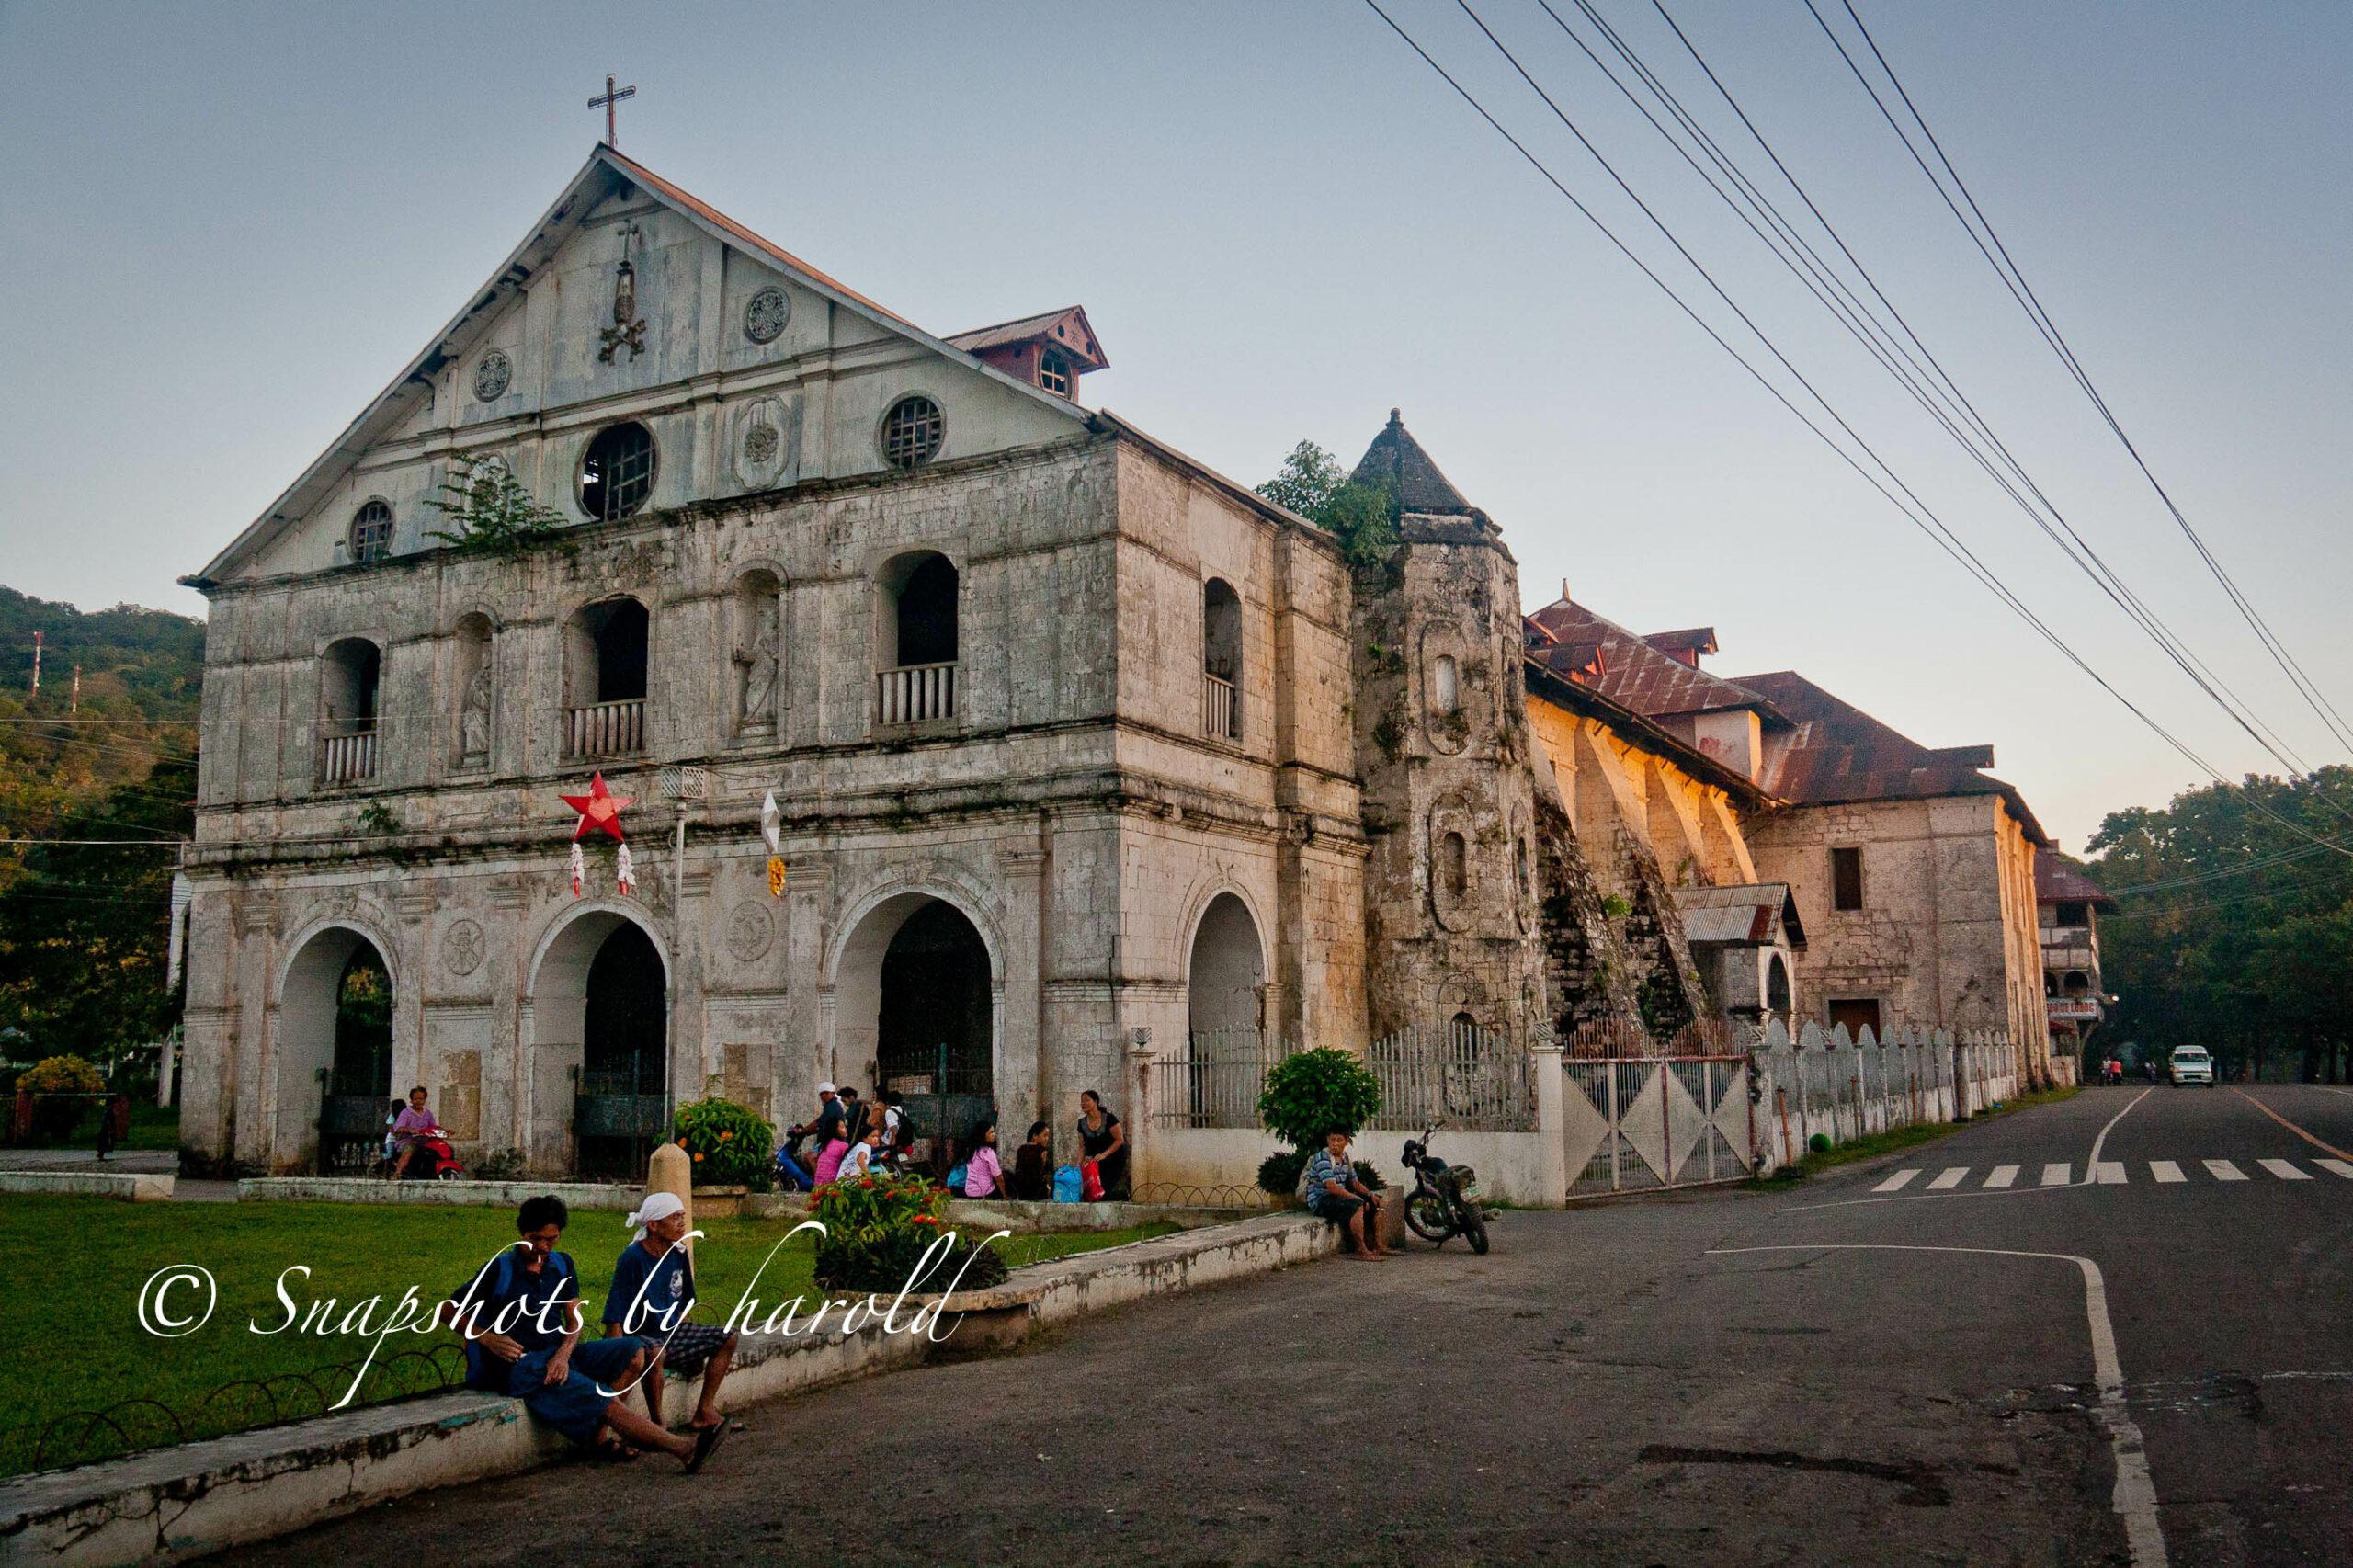 PHILIPPINEN REISEN - ORTE - BOHOL - Touristische Ortsbeschreibung für Loboc